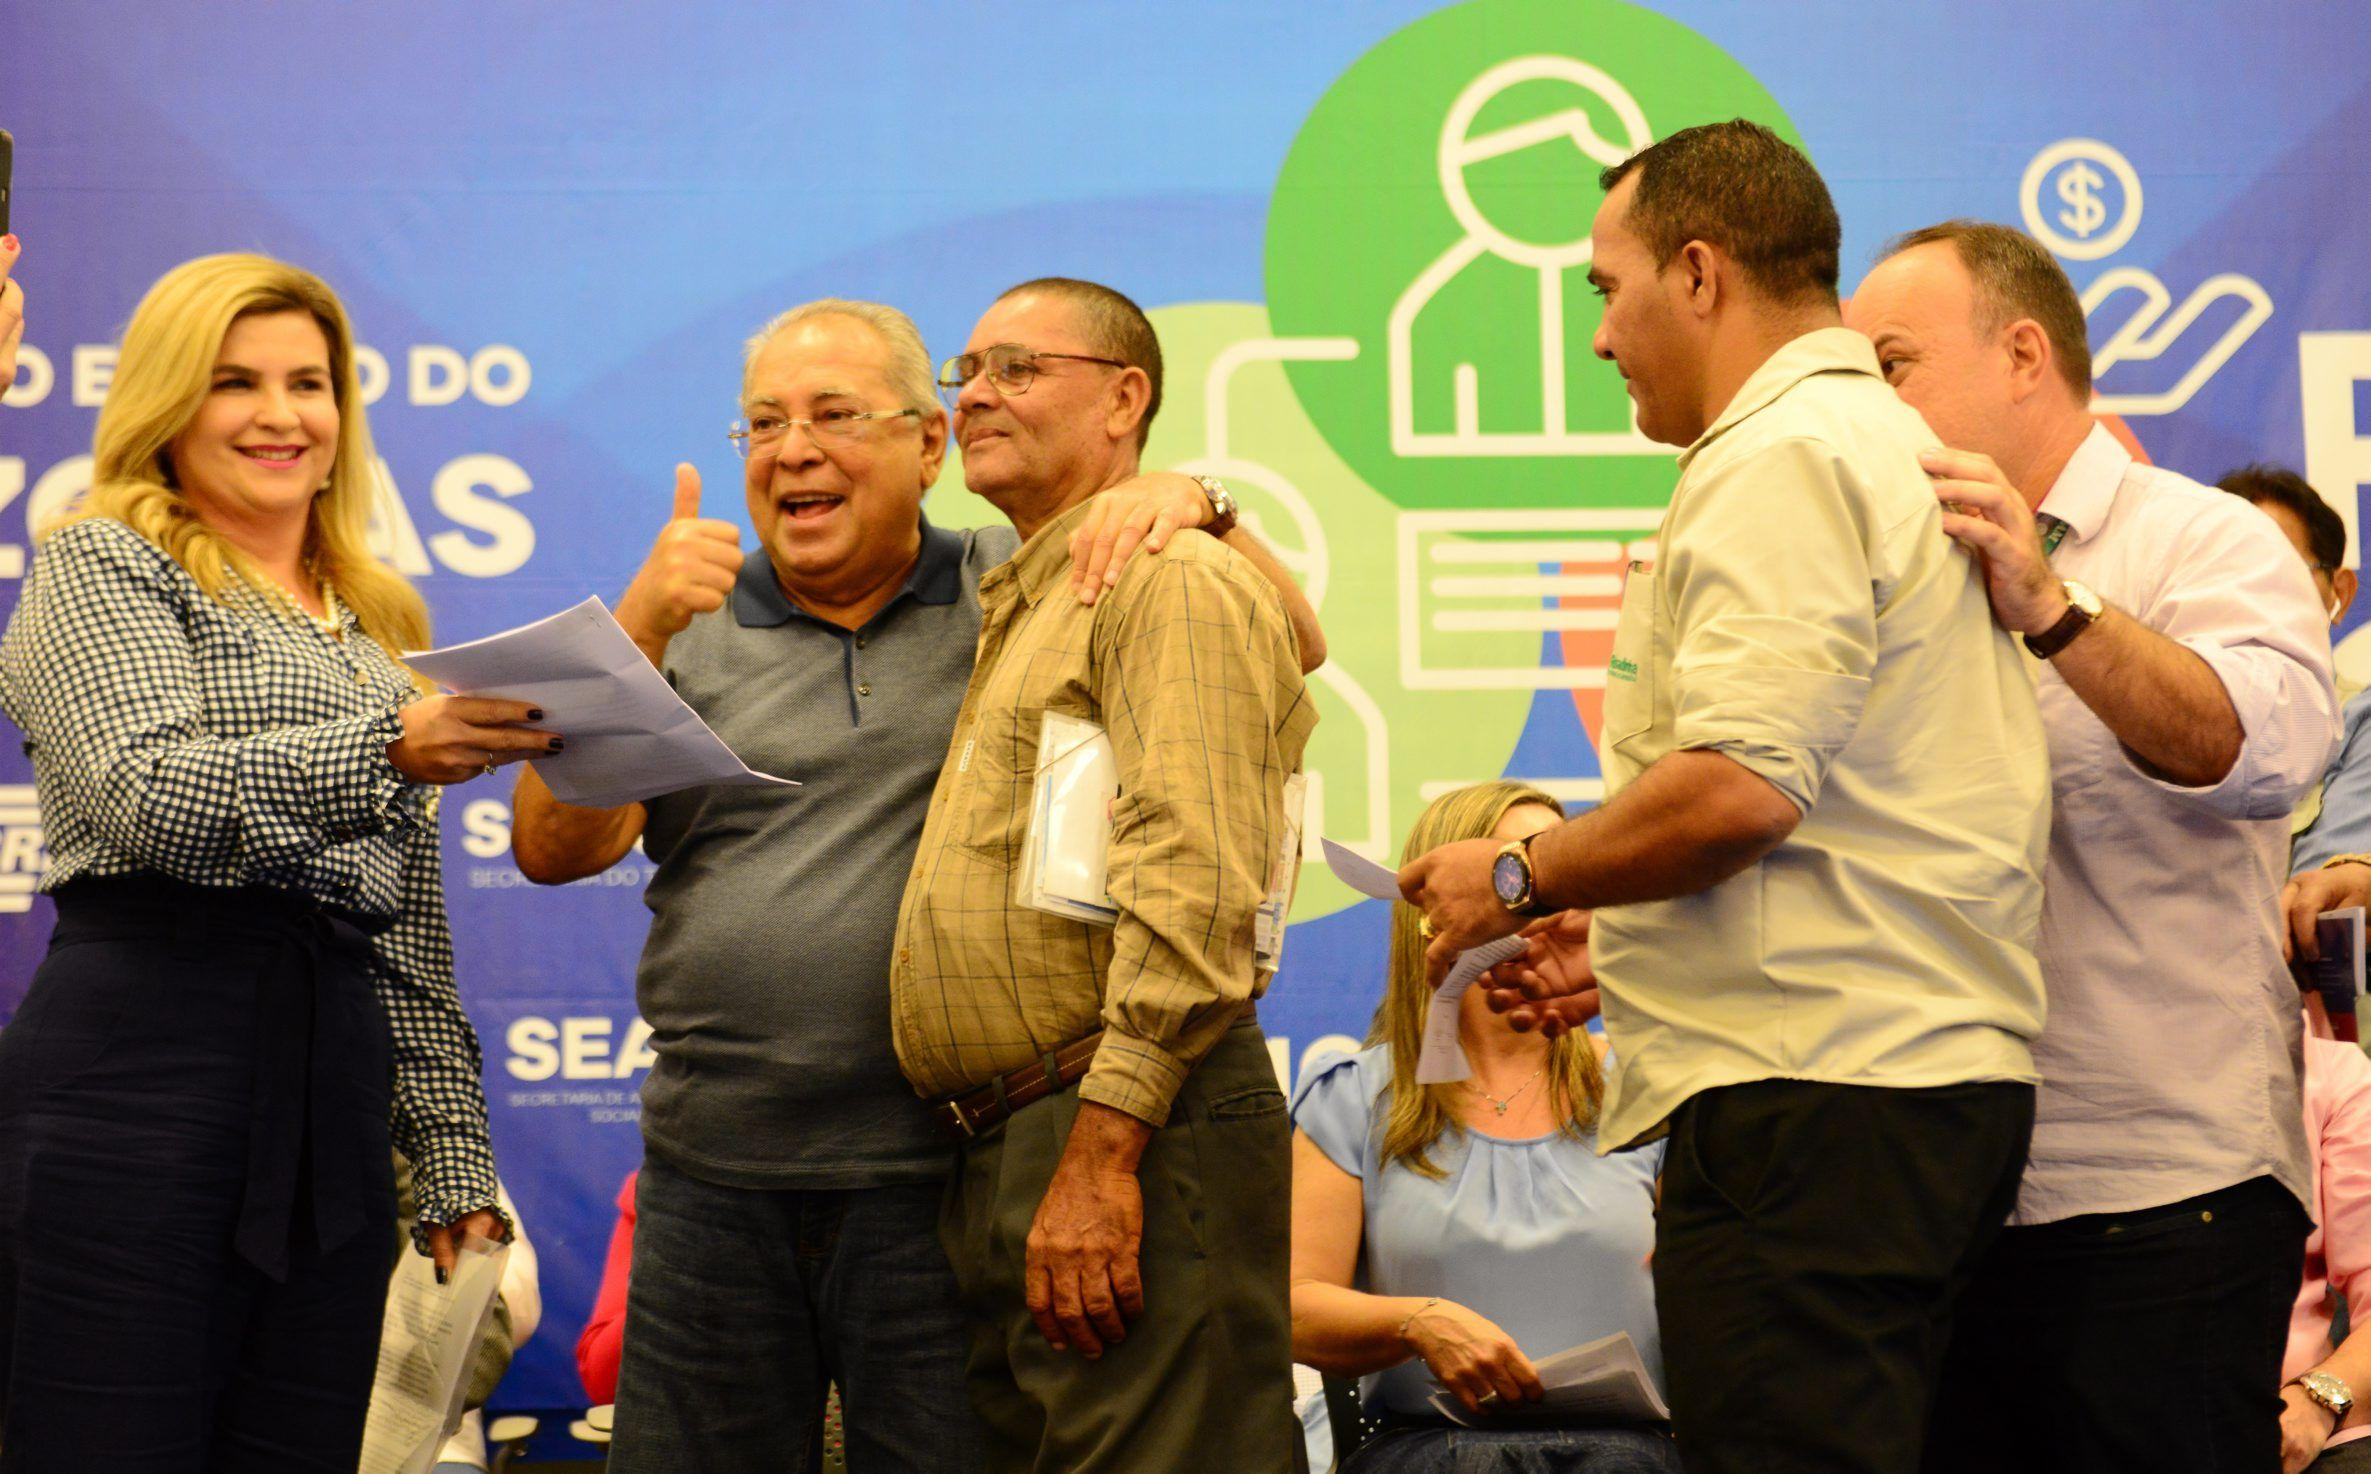 Governador Amazonino Mendes entrega implementos mesmo com proibição do MPE